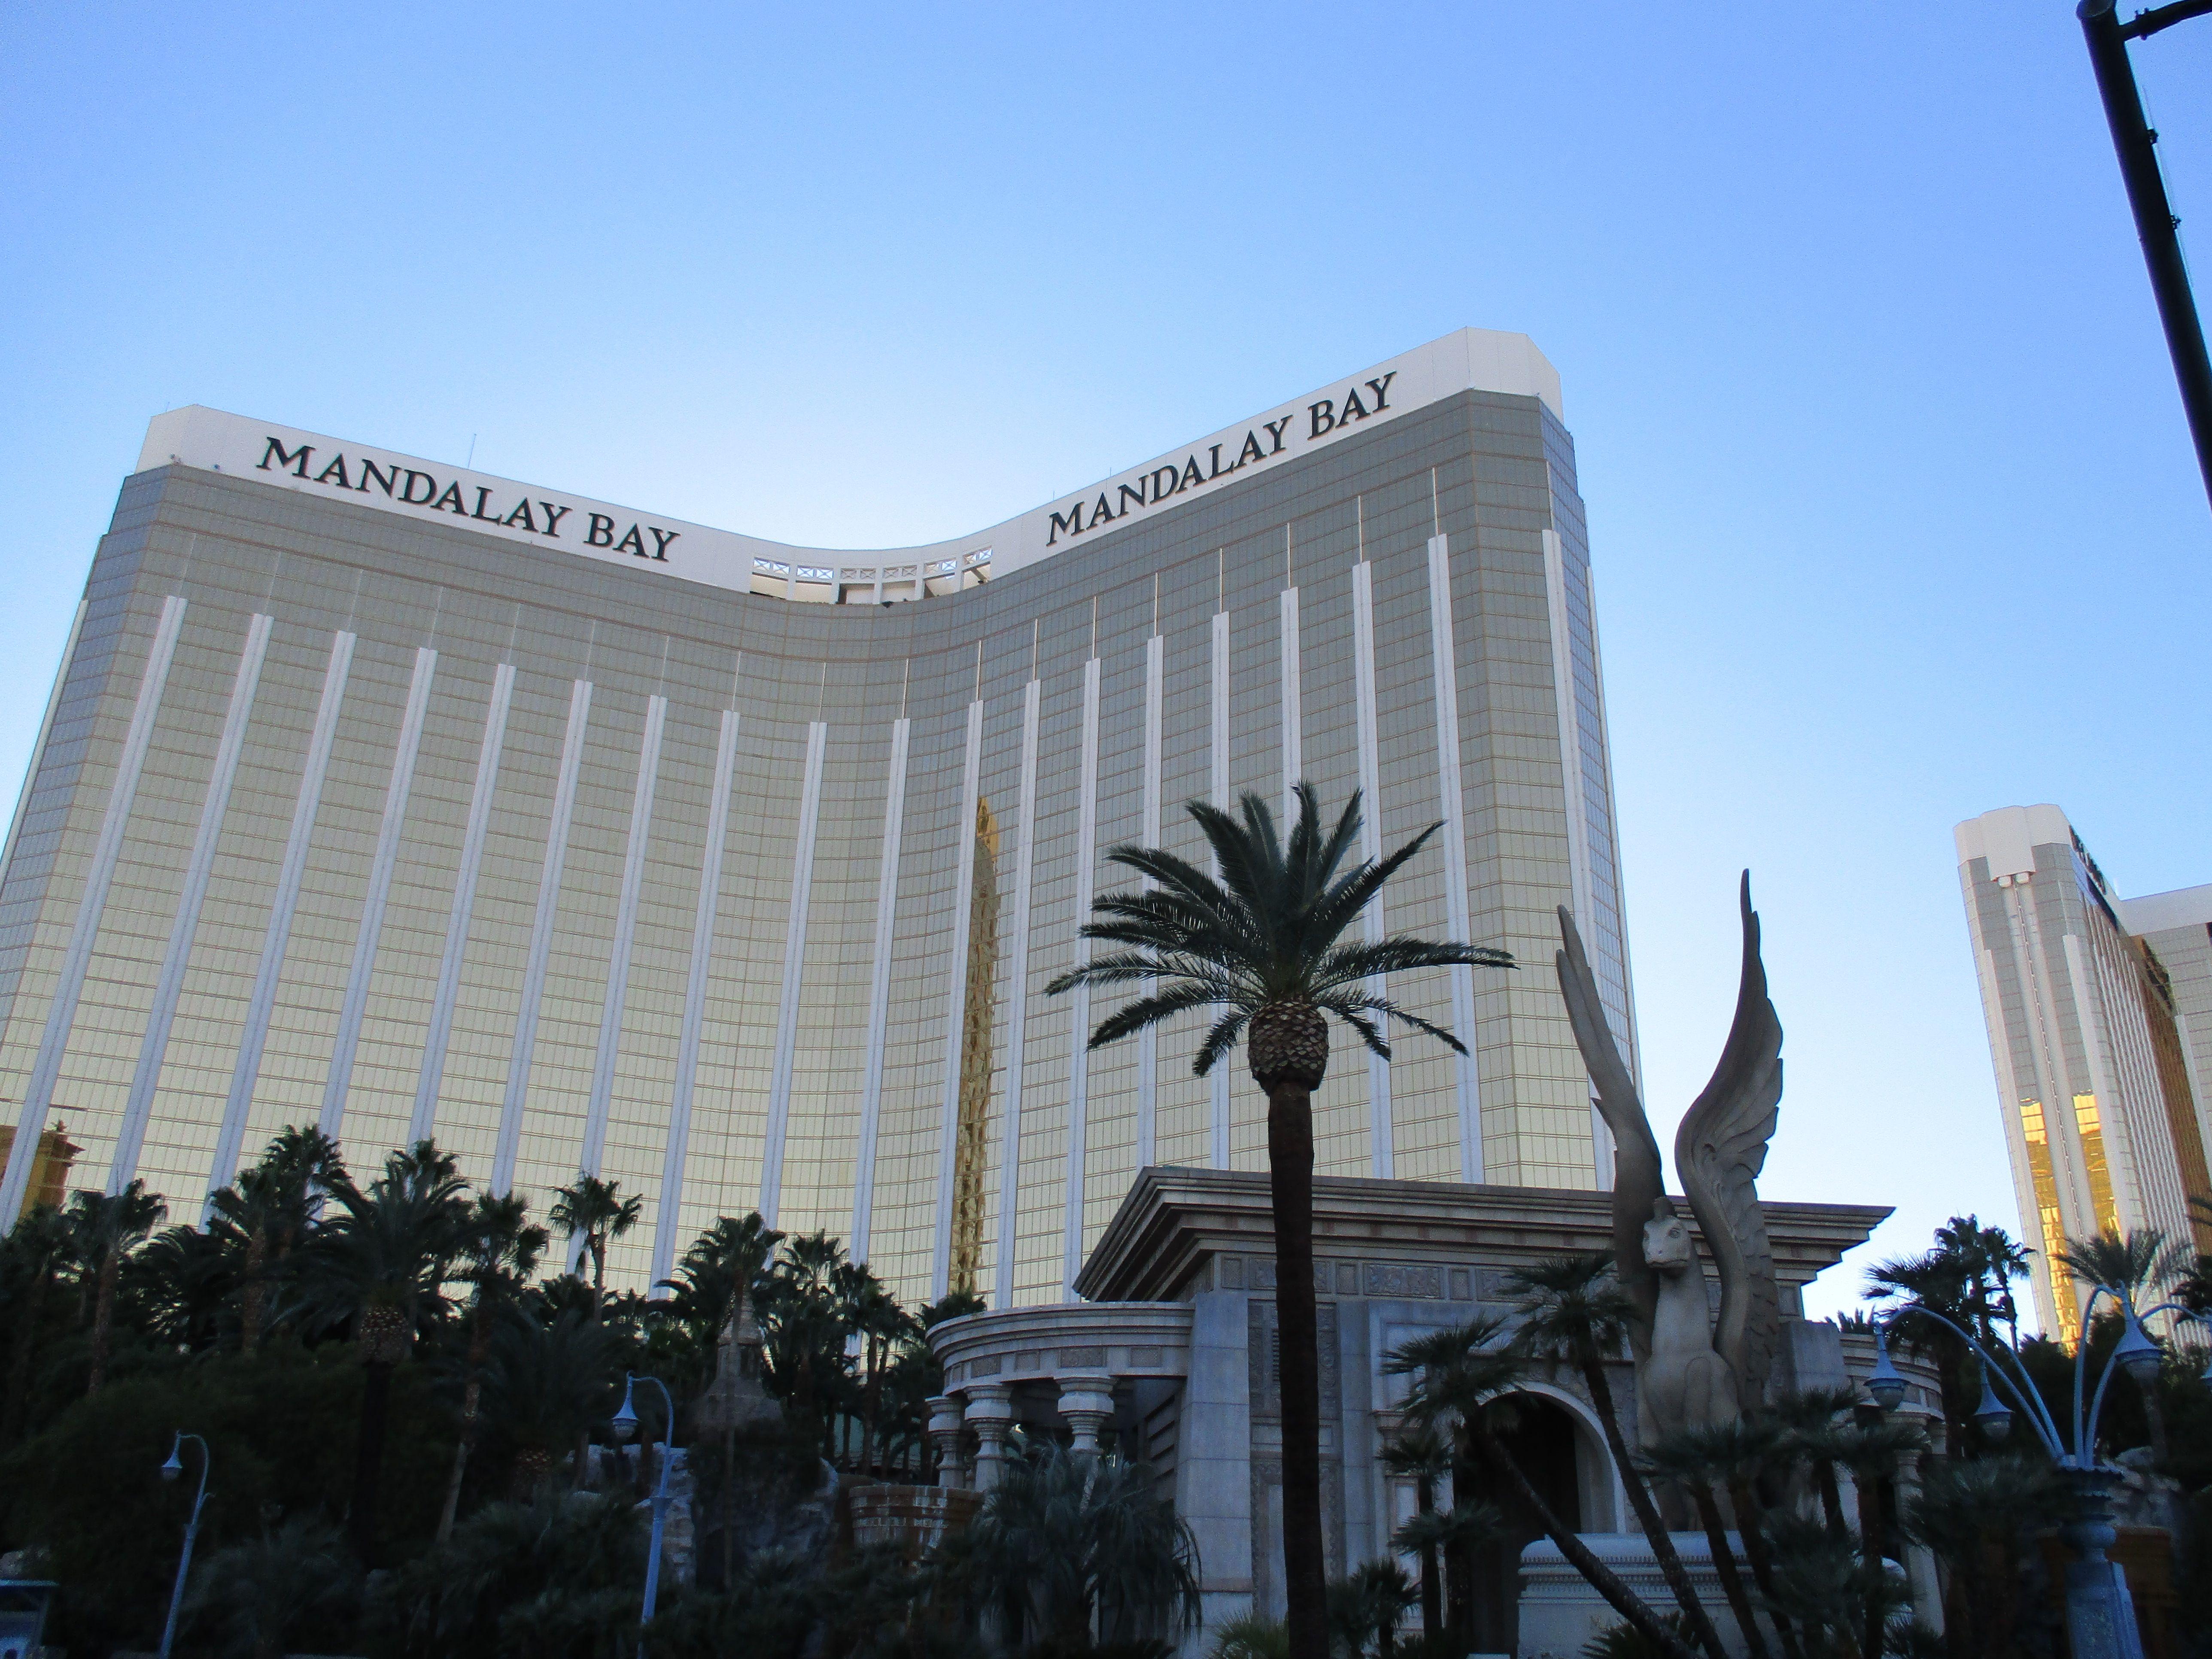 Mandalay Bay Hotel Las Vegas Nv Mandalay Bay Hotel Vacation